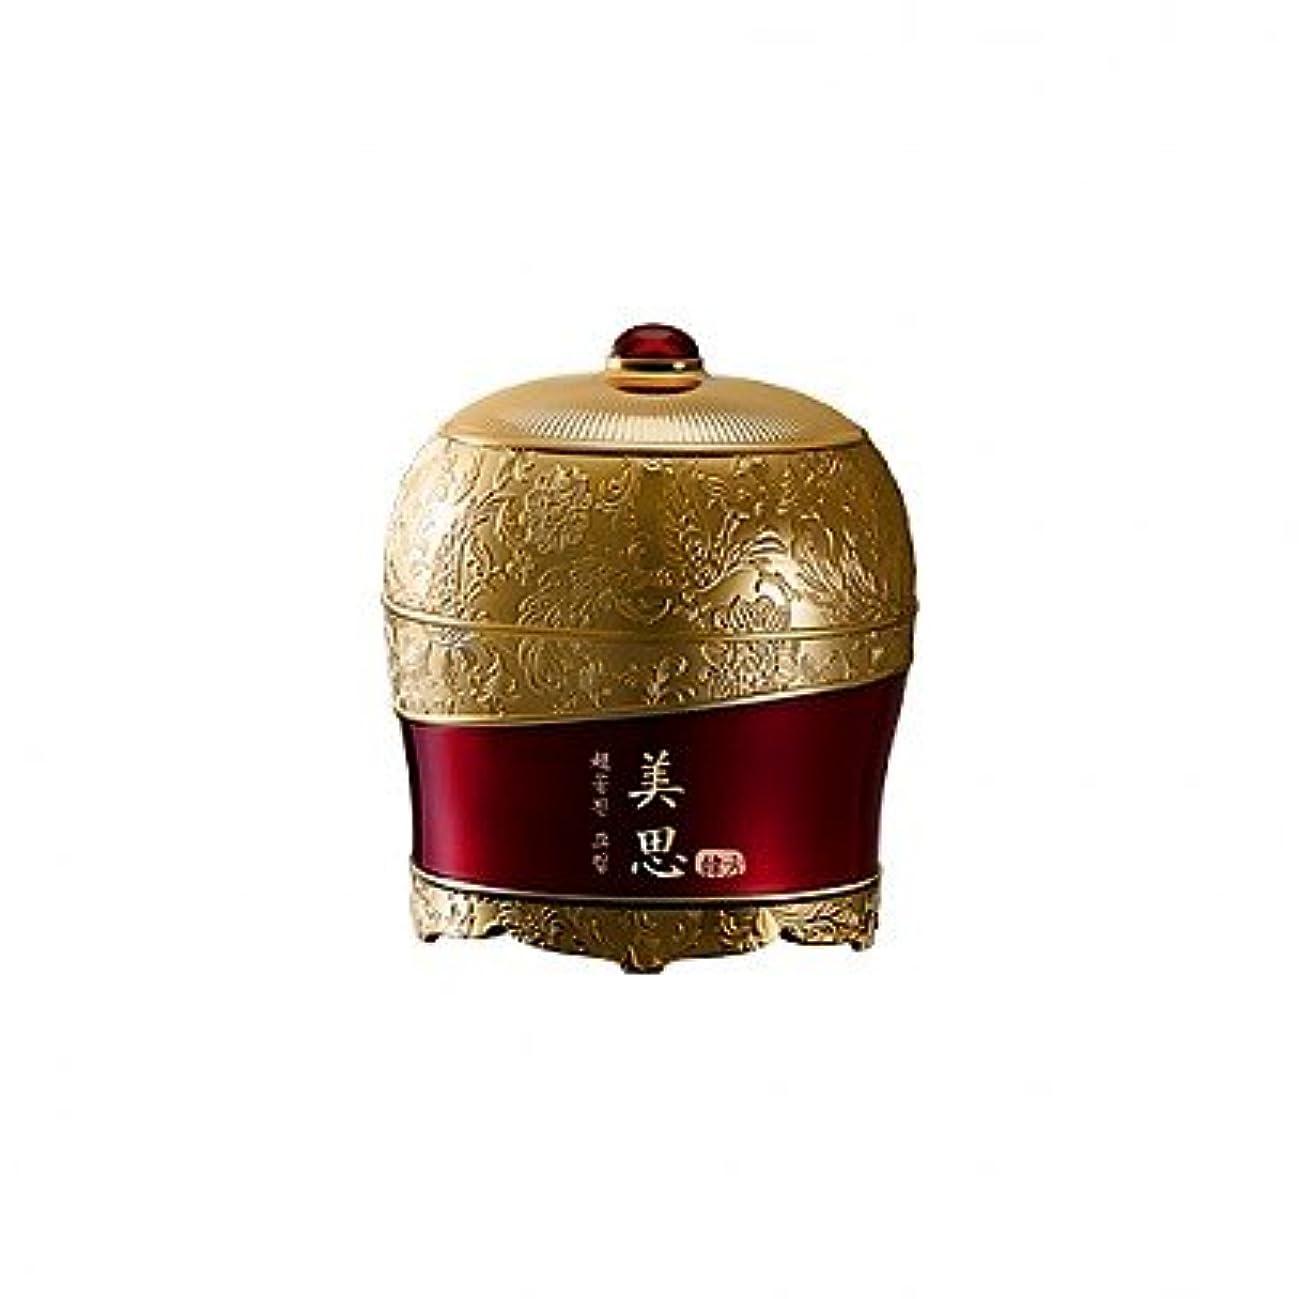 共和国吹きさらしやめるMISSHA/ミシャ チョゴンジン クリーム (旧チョボヤン) 60ml[海外直送品]